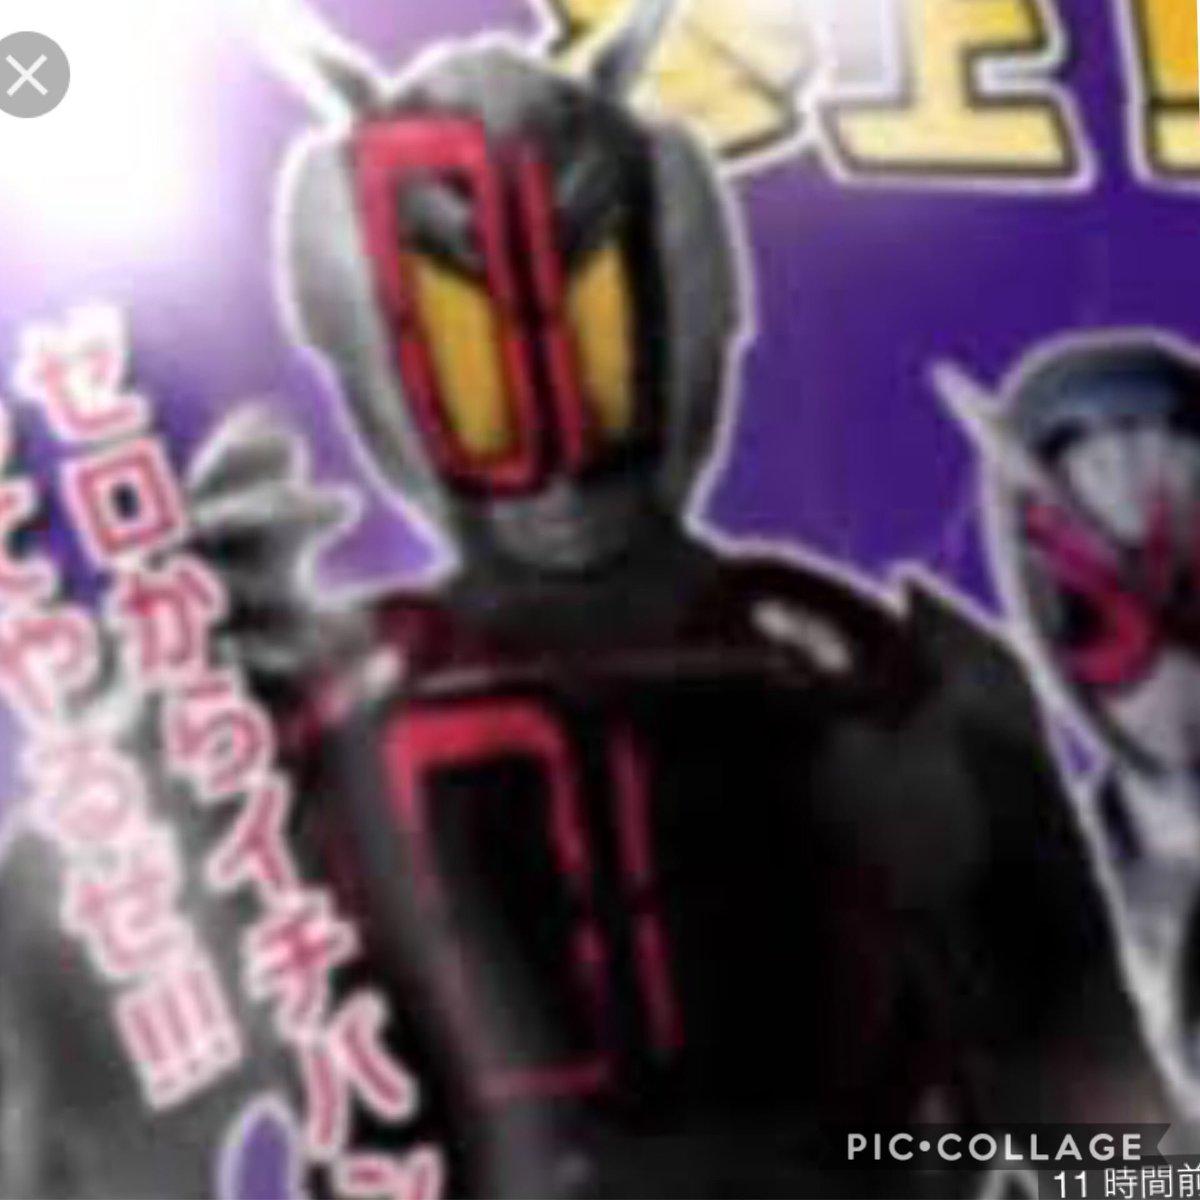 「仮面ライダーゼロワン Twitter」の画像検索結果